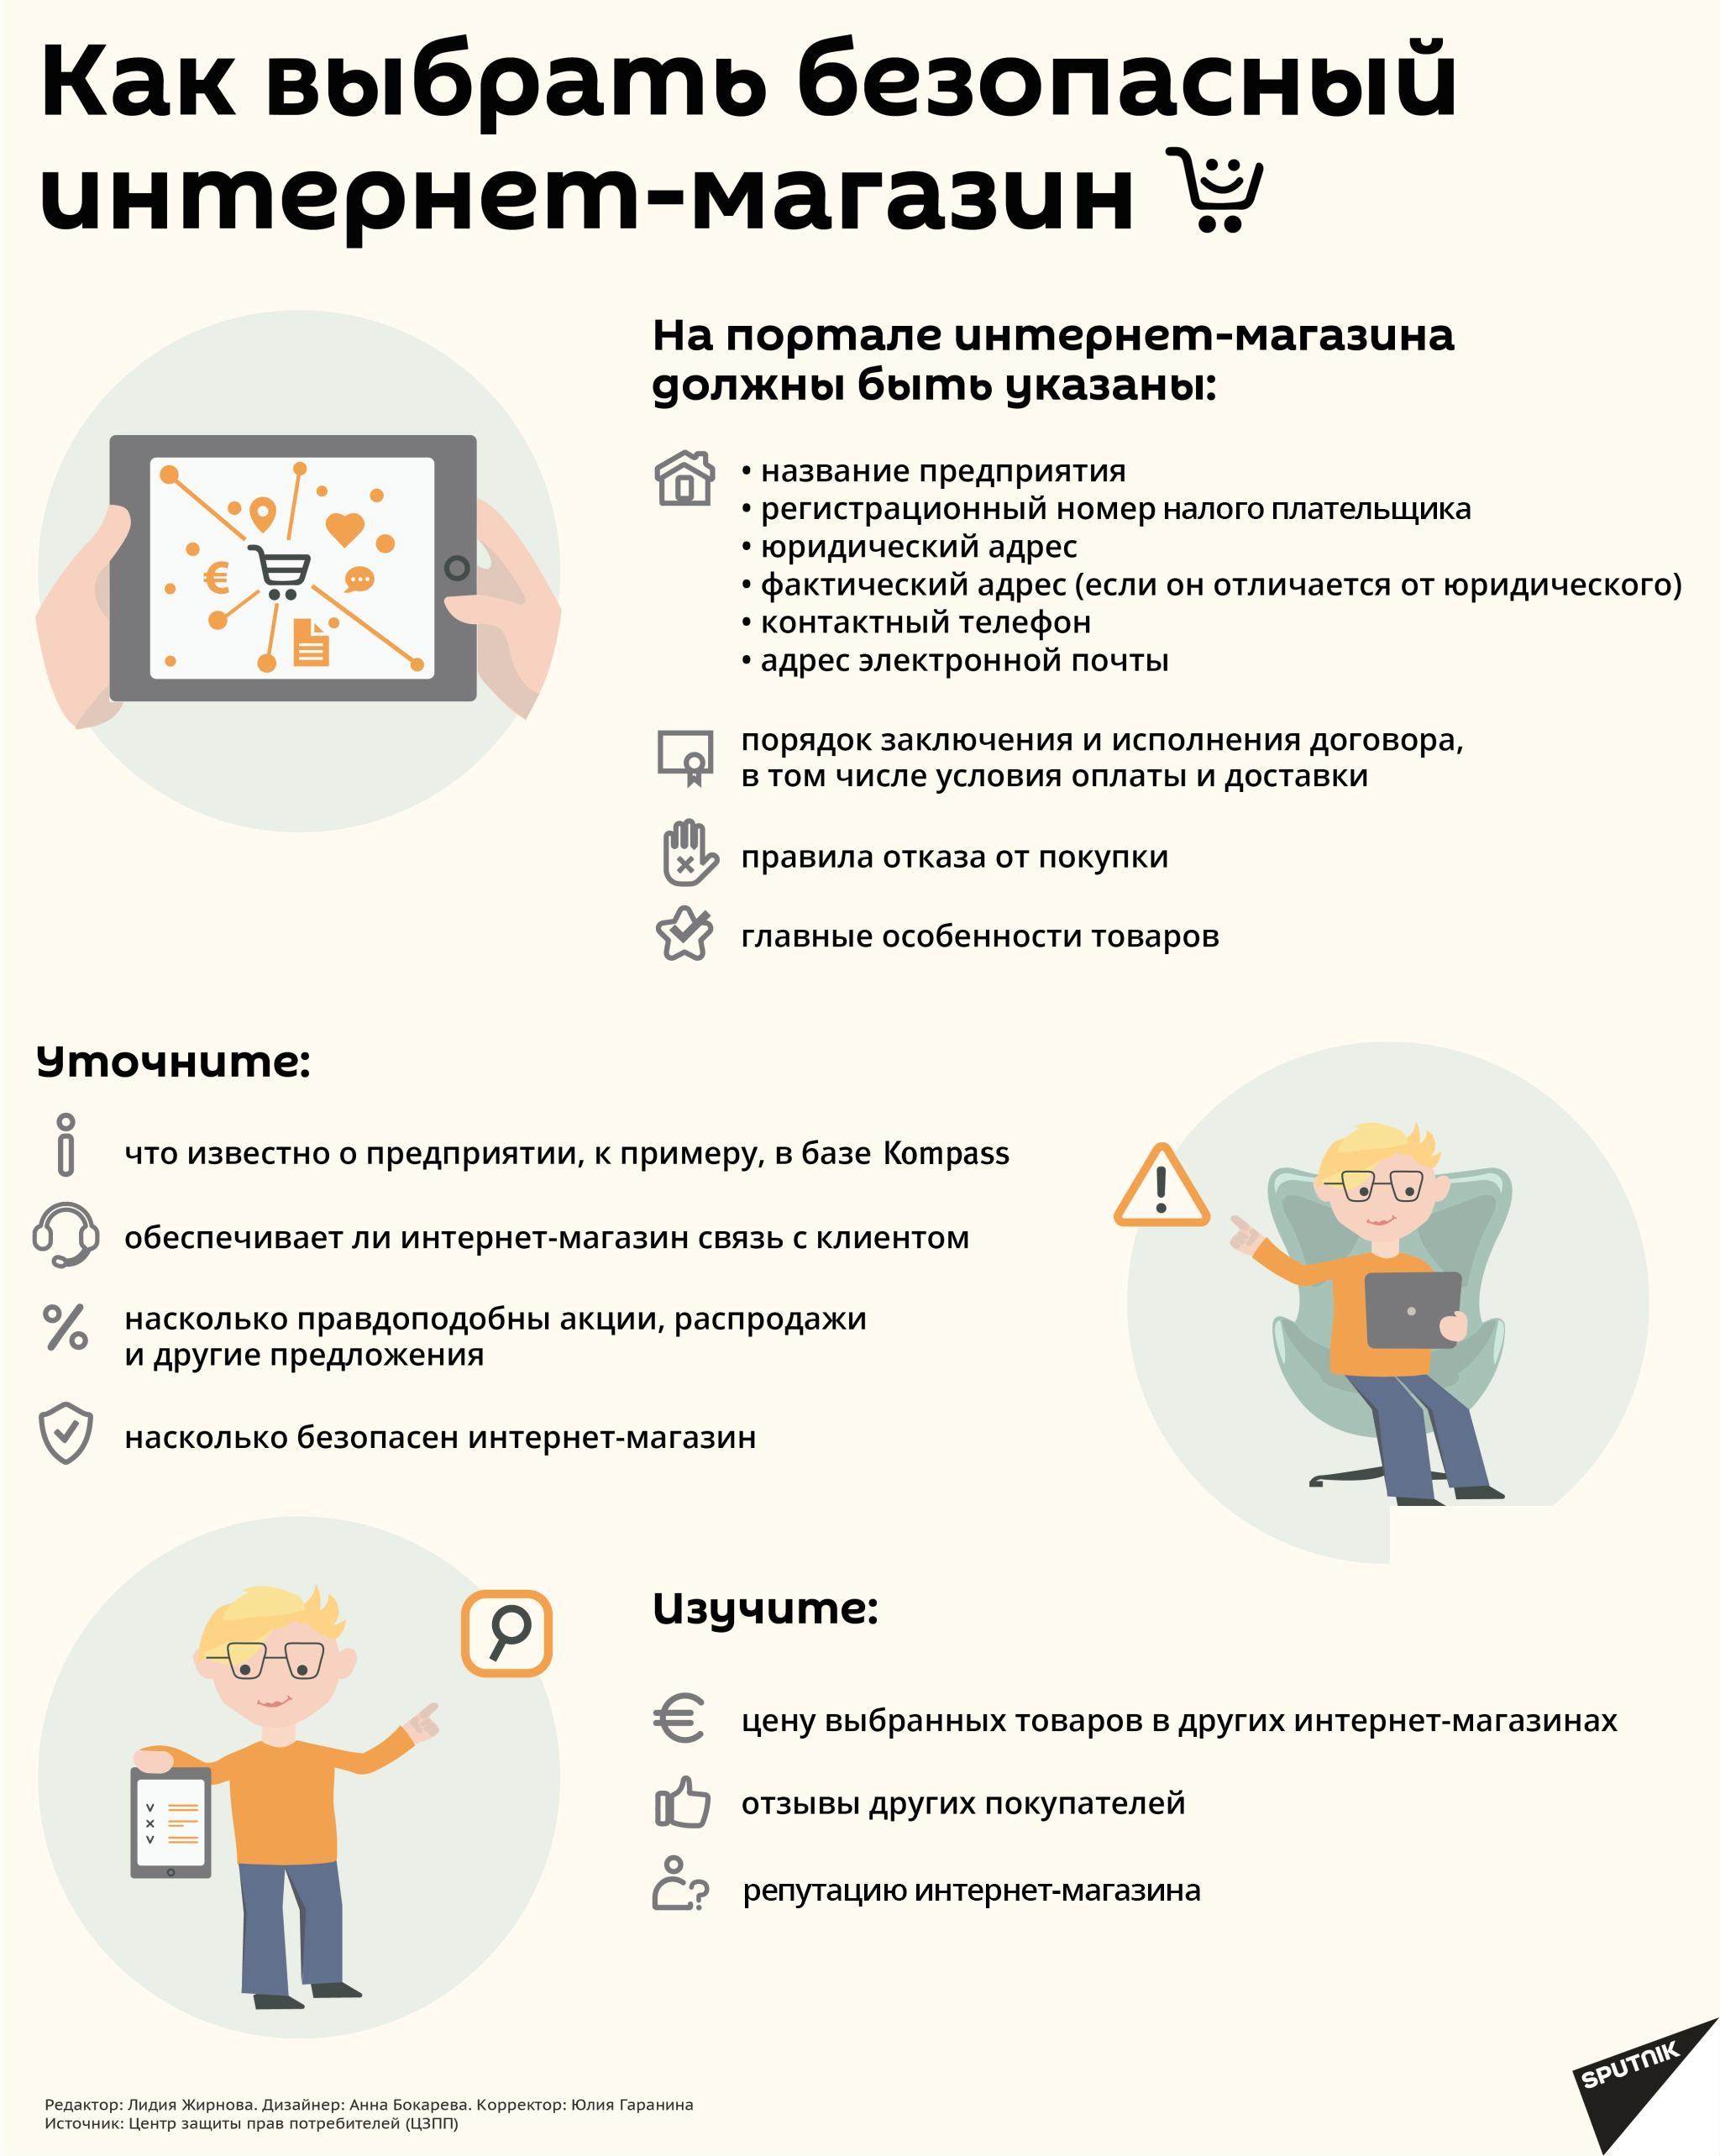 Инфографика Как выбрать безопасный интернет-магазин - Sputnik Азербайджан